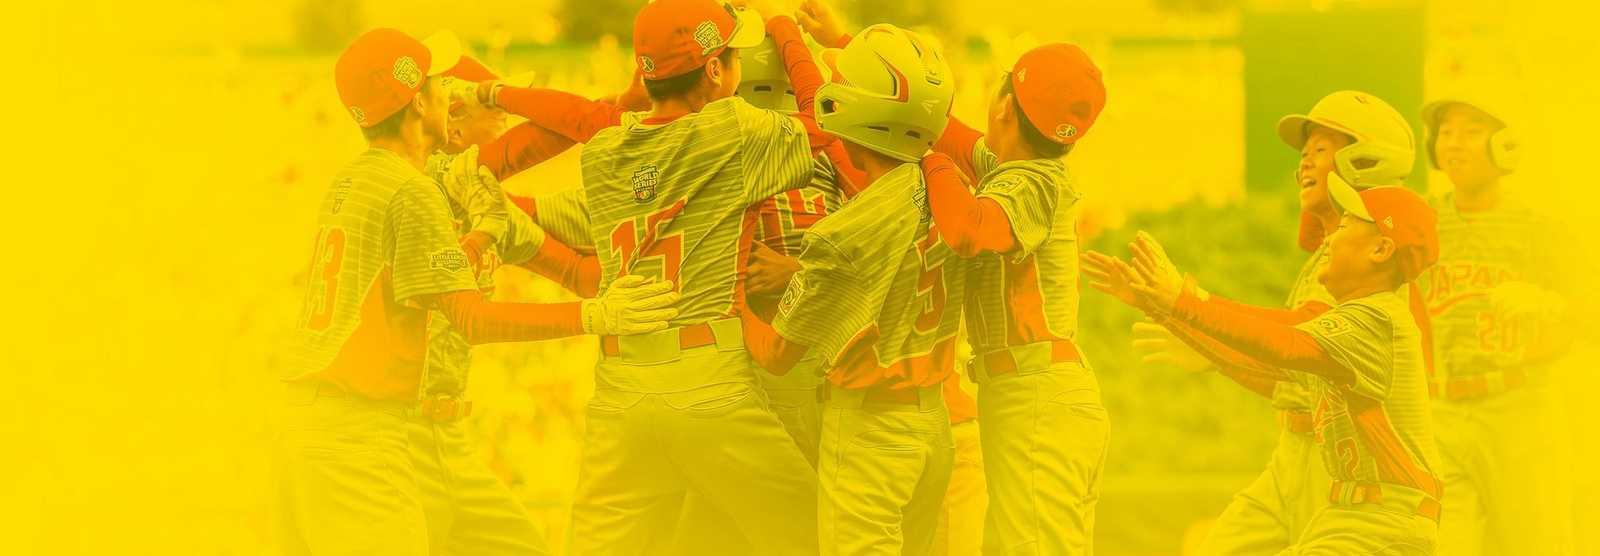 usa-youth-baseball-bats